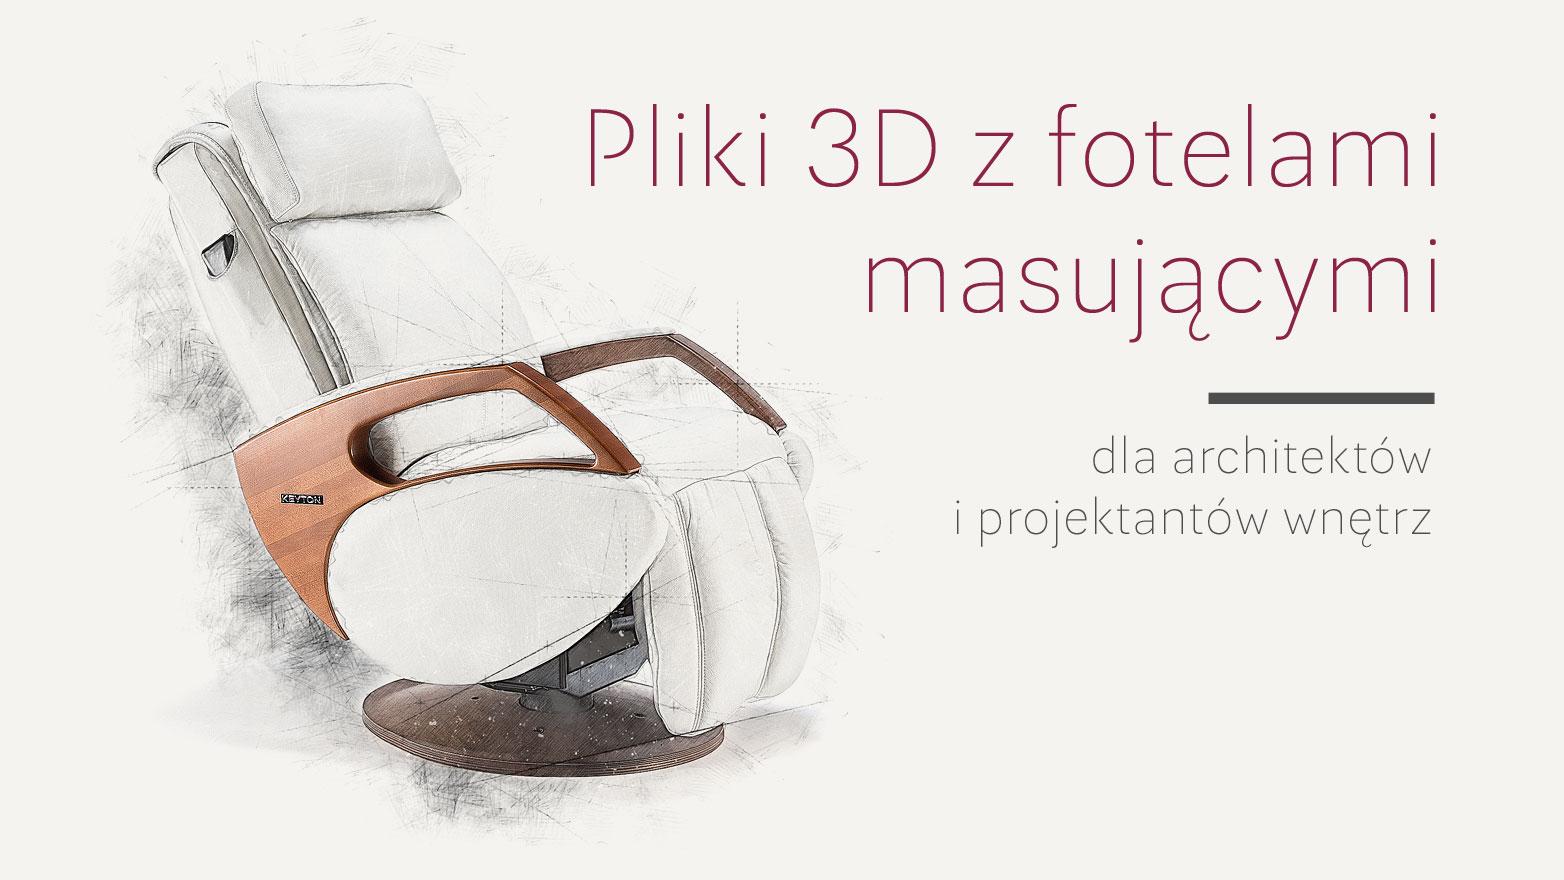 Fotel masujący pliki 3D dla architektów